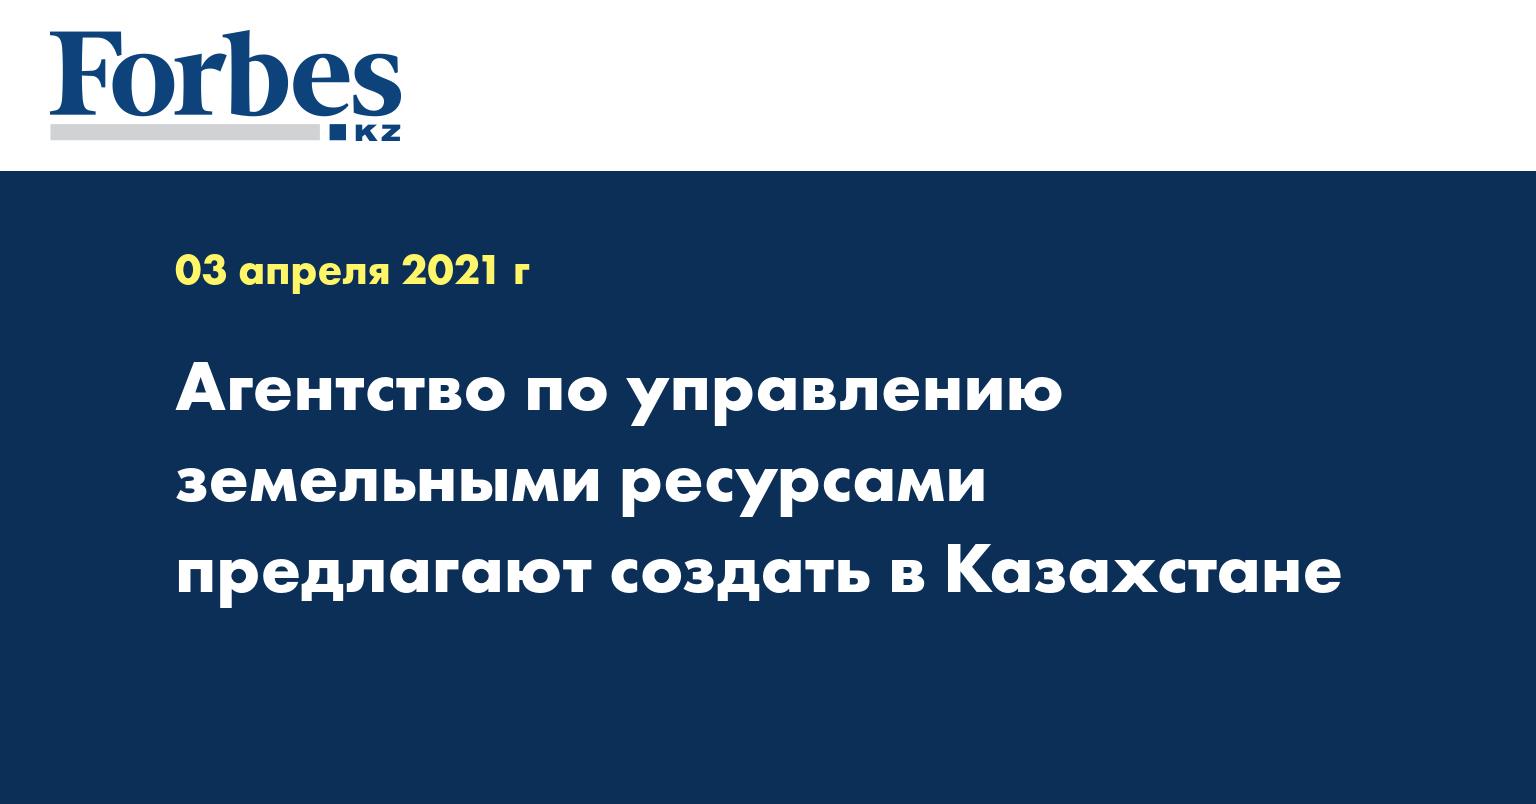 Агентство по управлению земельными ресурсами предлагают создать в Казахстане